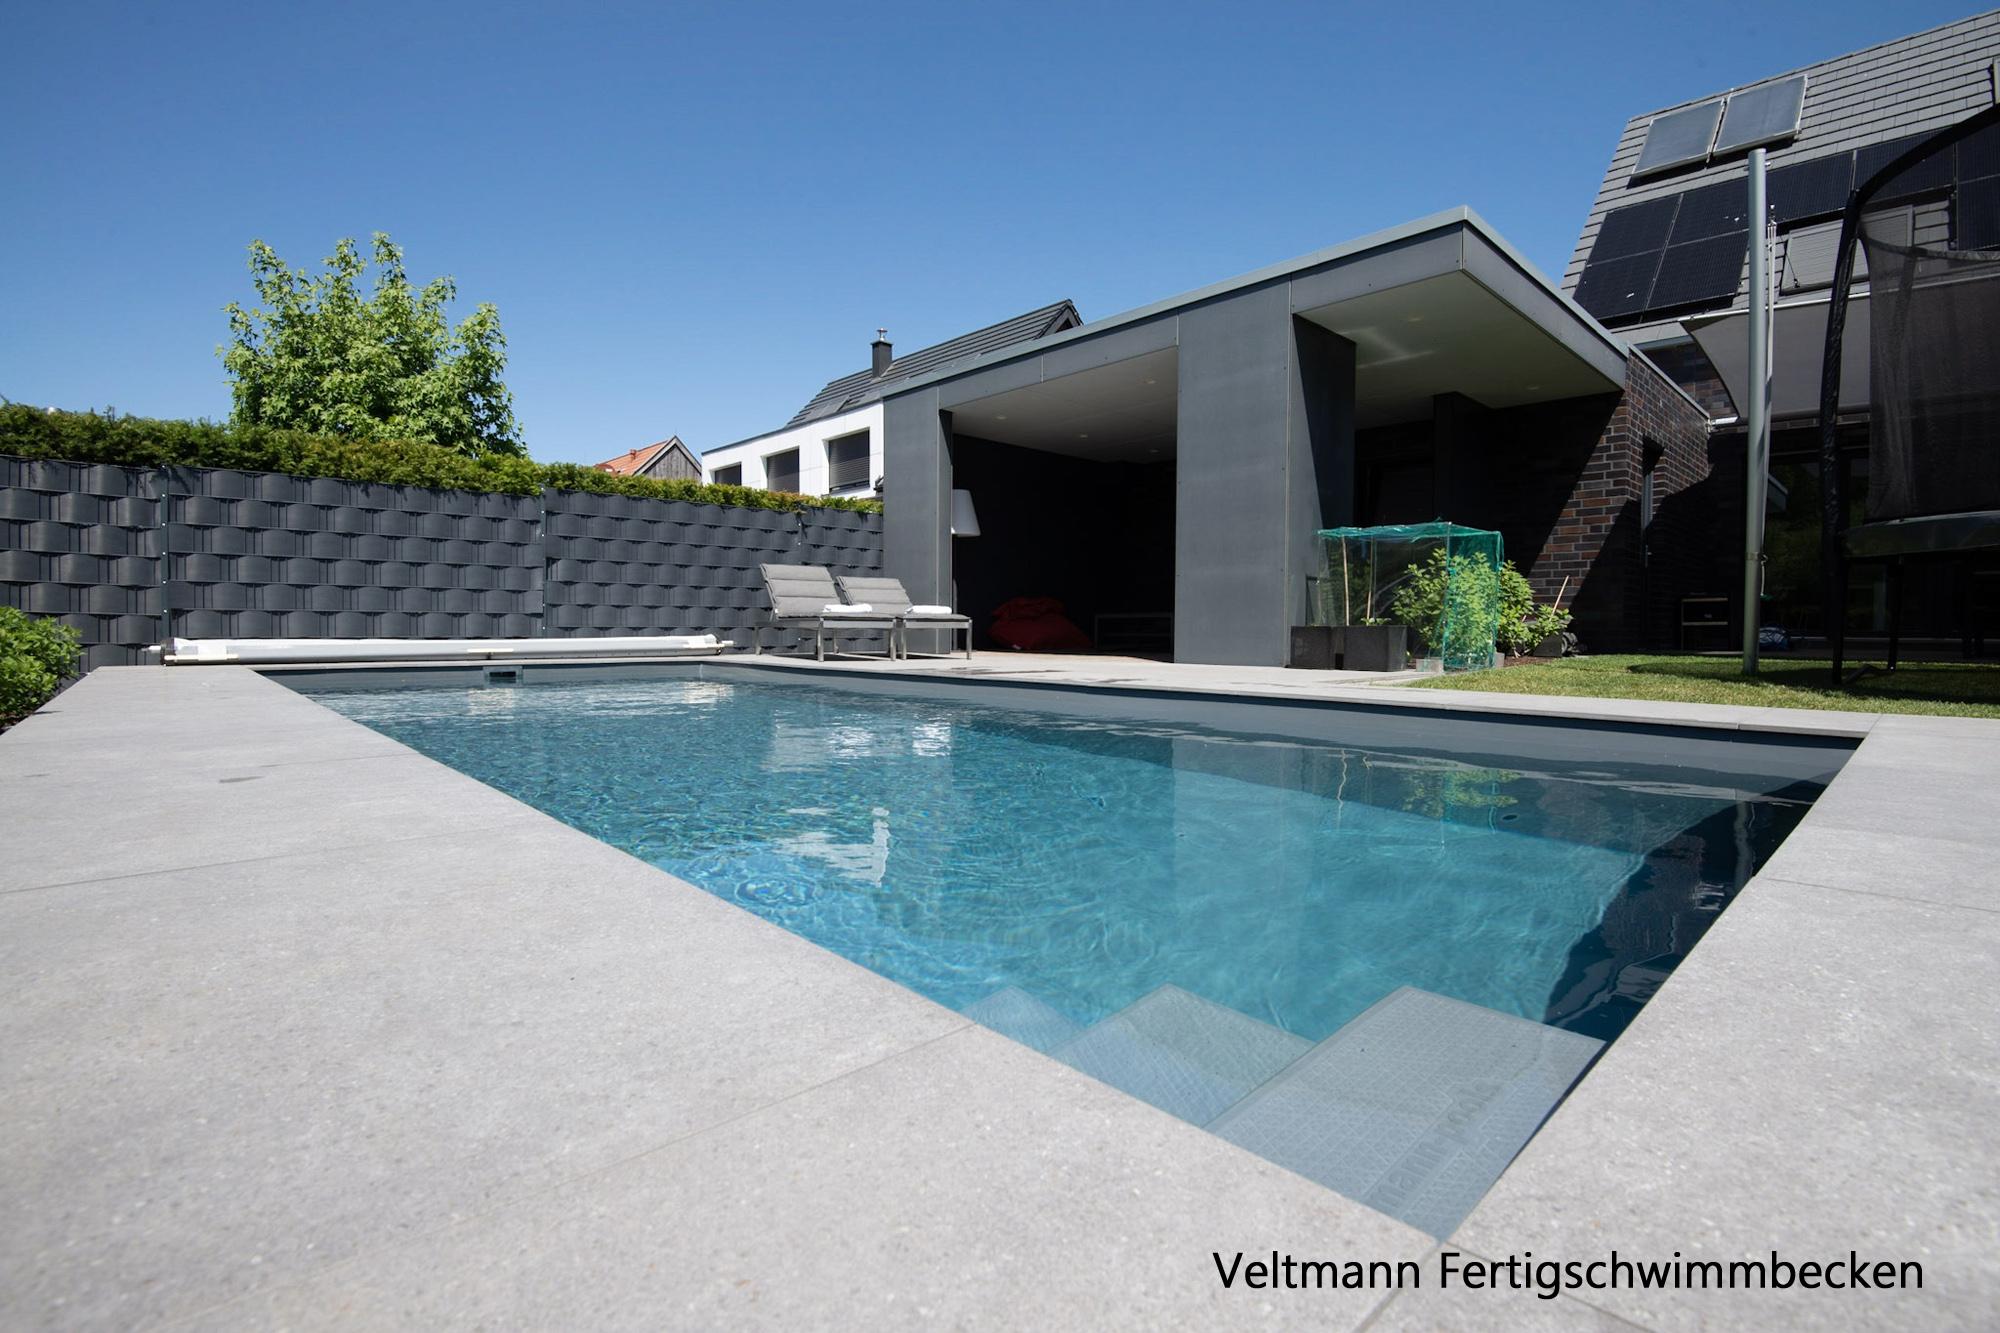 Schwimmbecken 756 eisengrau zudem mit schwebender perlender Treppe